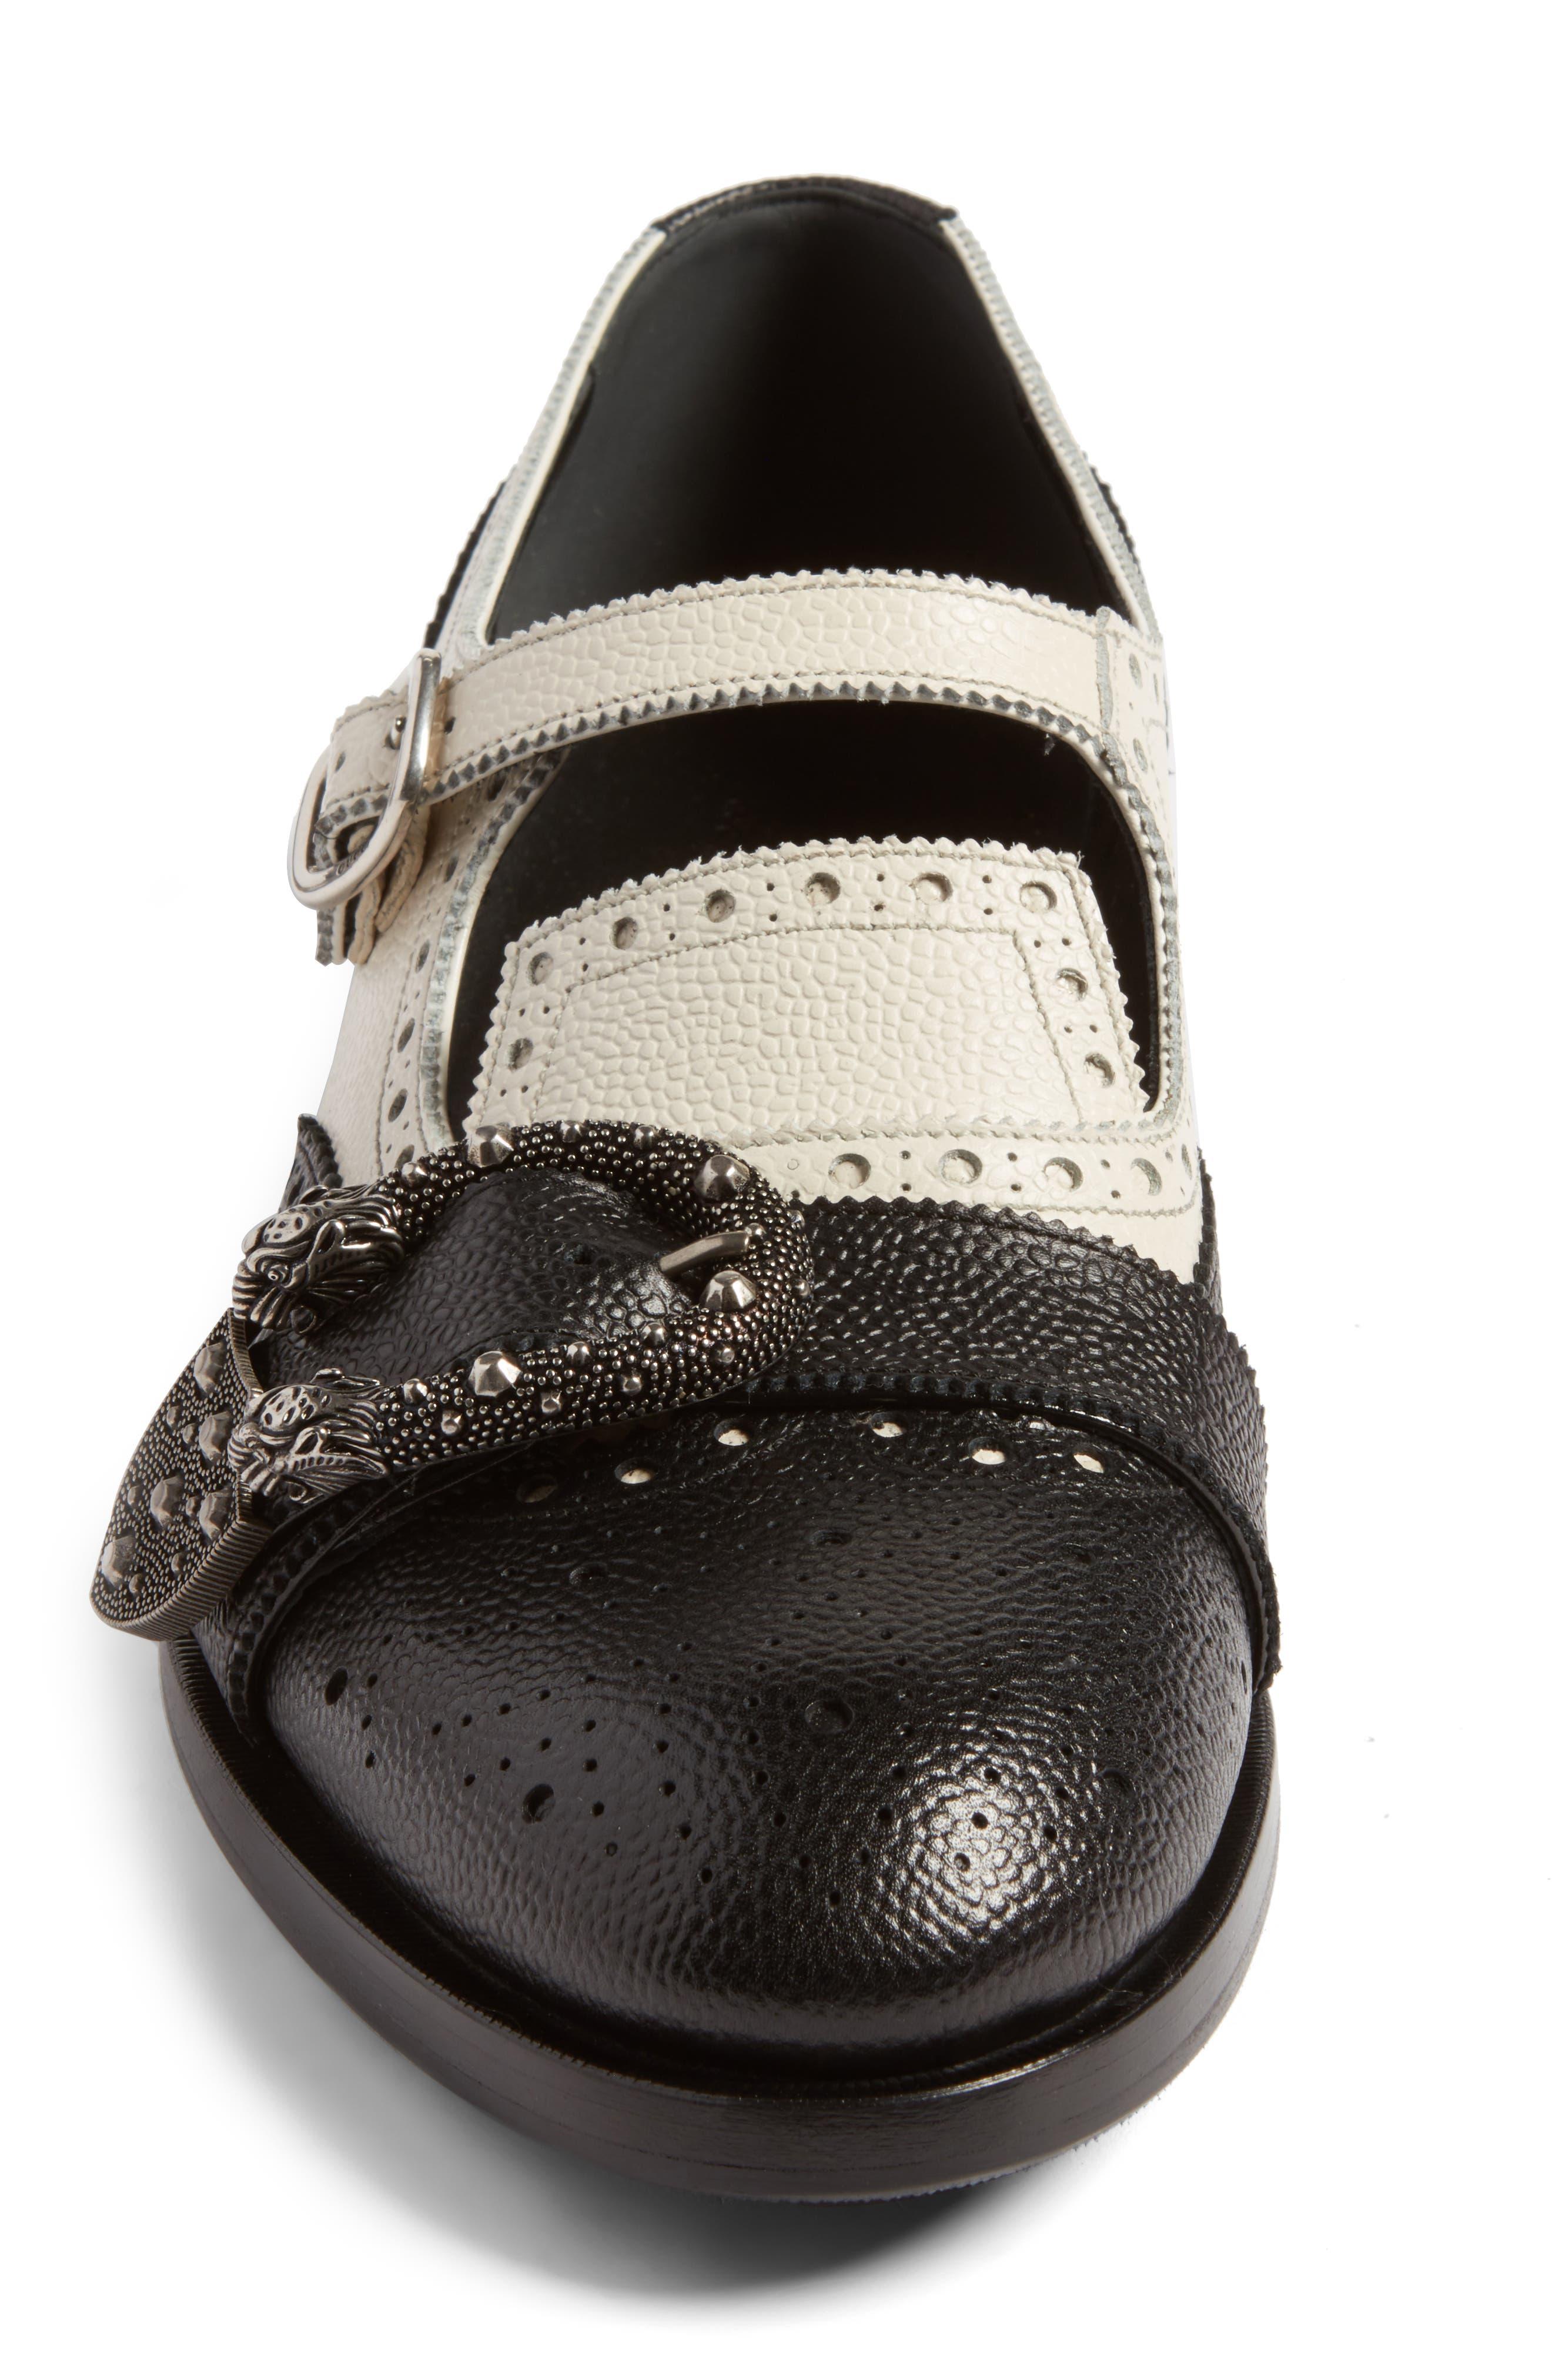 Queercore Brogue Monk Shoe,                             Alternate thumbnail 4, color,                             Black White Multi